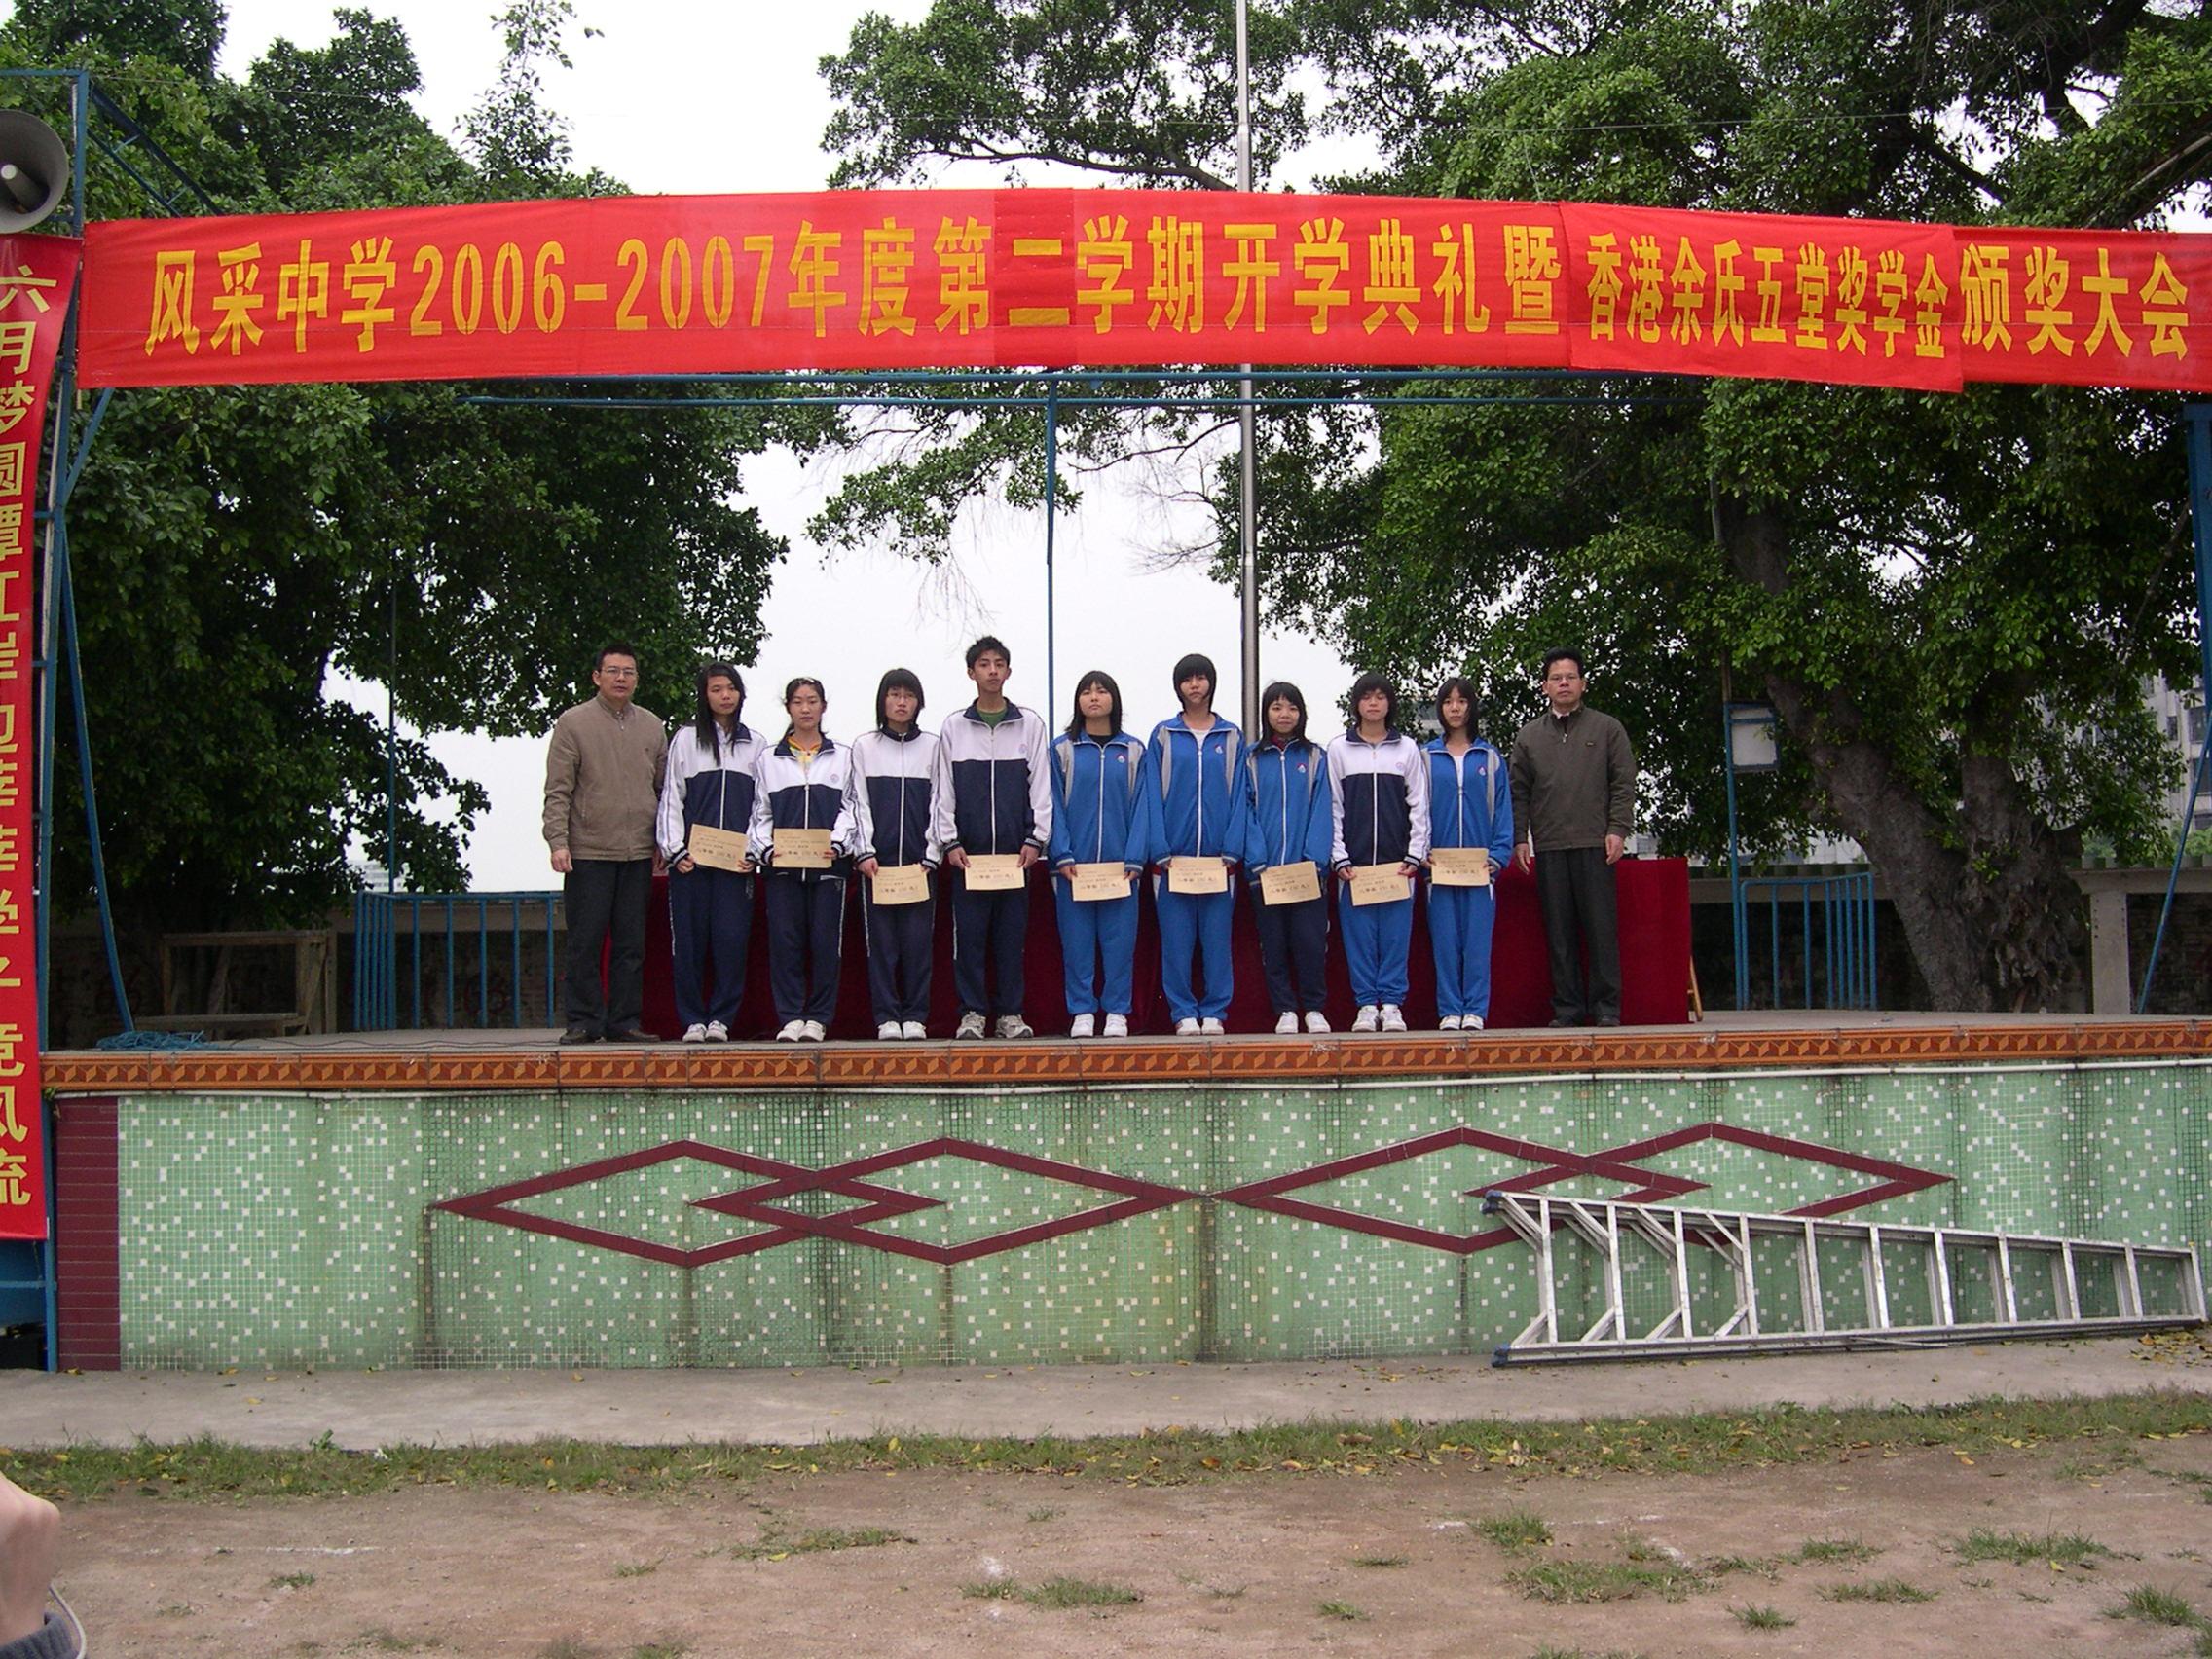 香港余氏五堂会奖学金和解困助学金